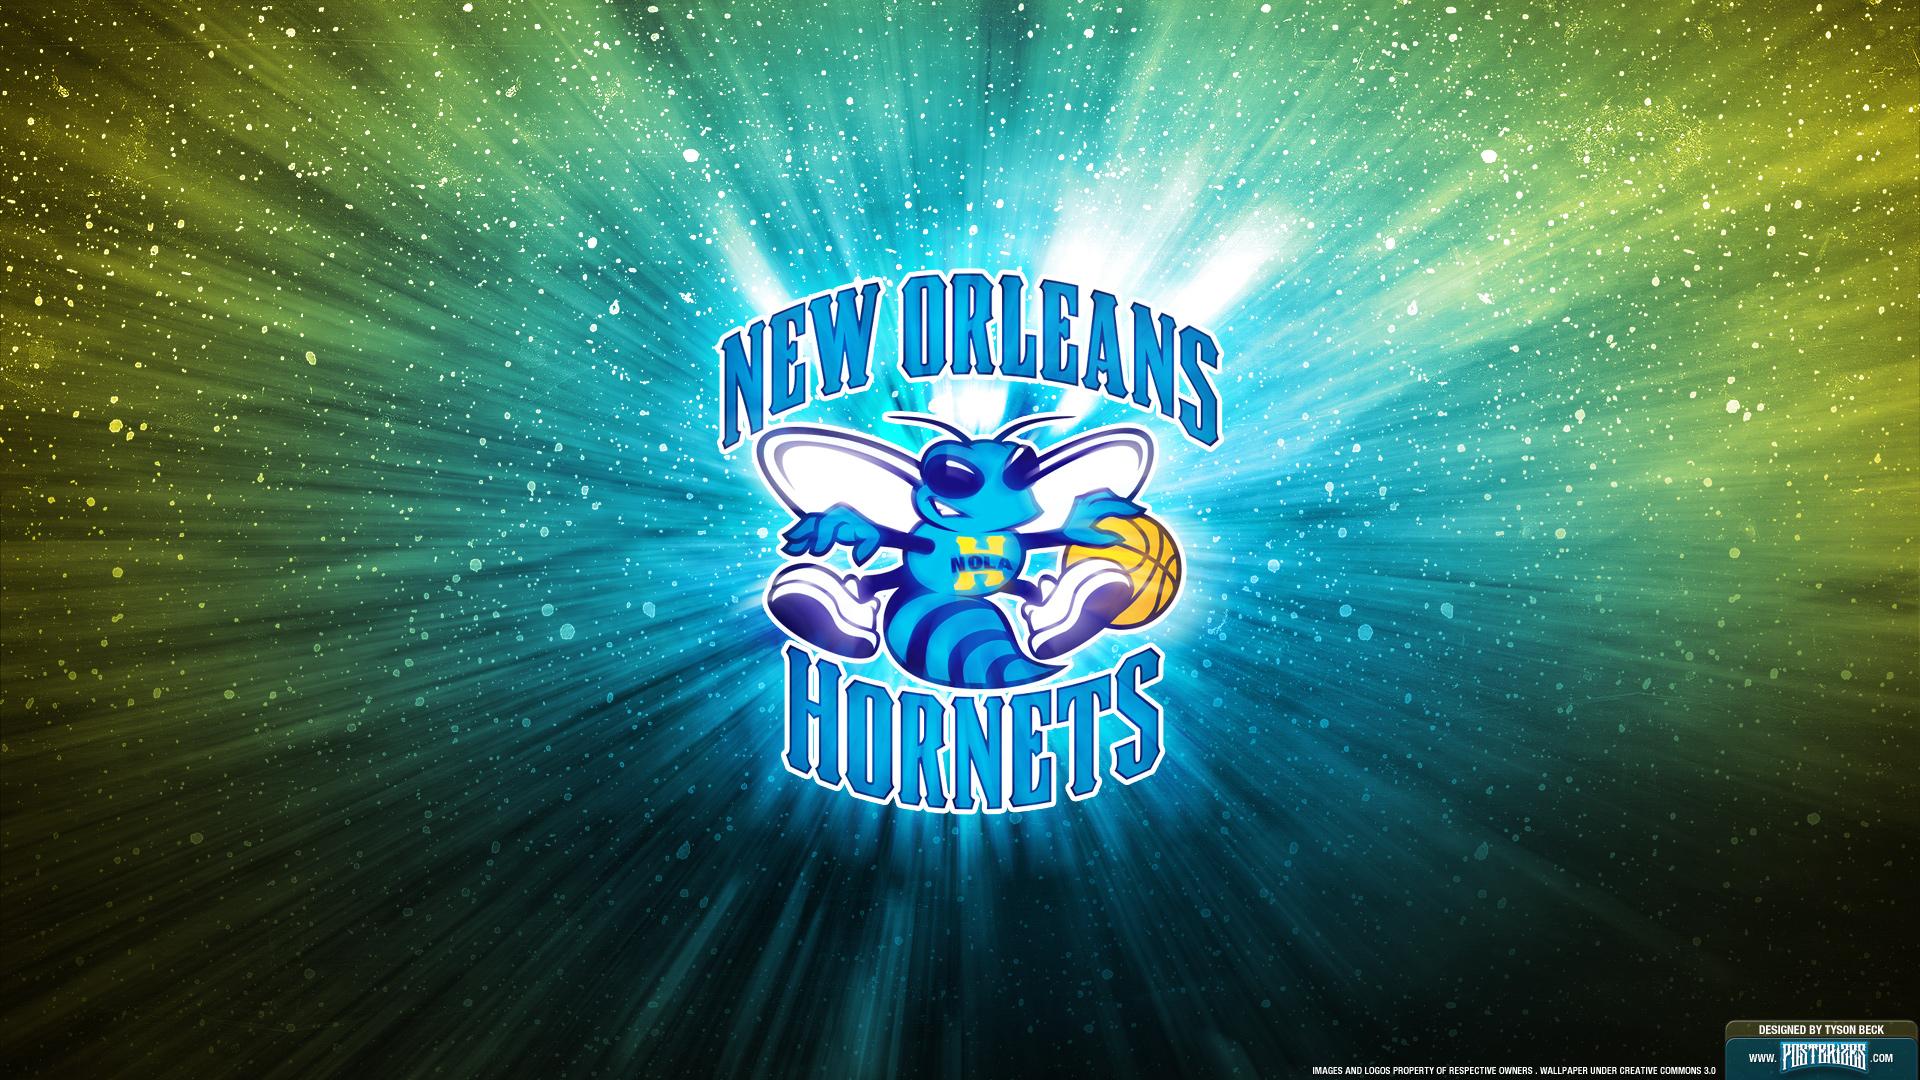 NEW ORLEANS HORNETS Pelicans Nba Basketball 9 Wallpaper